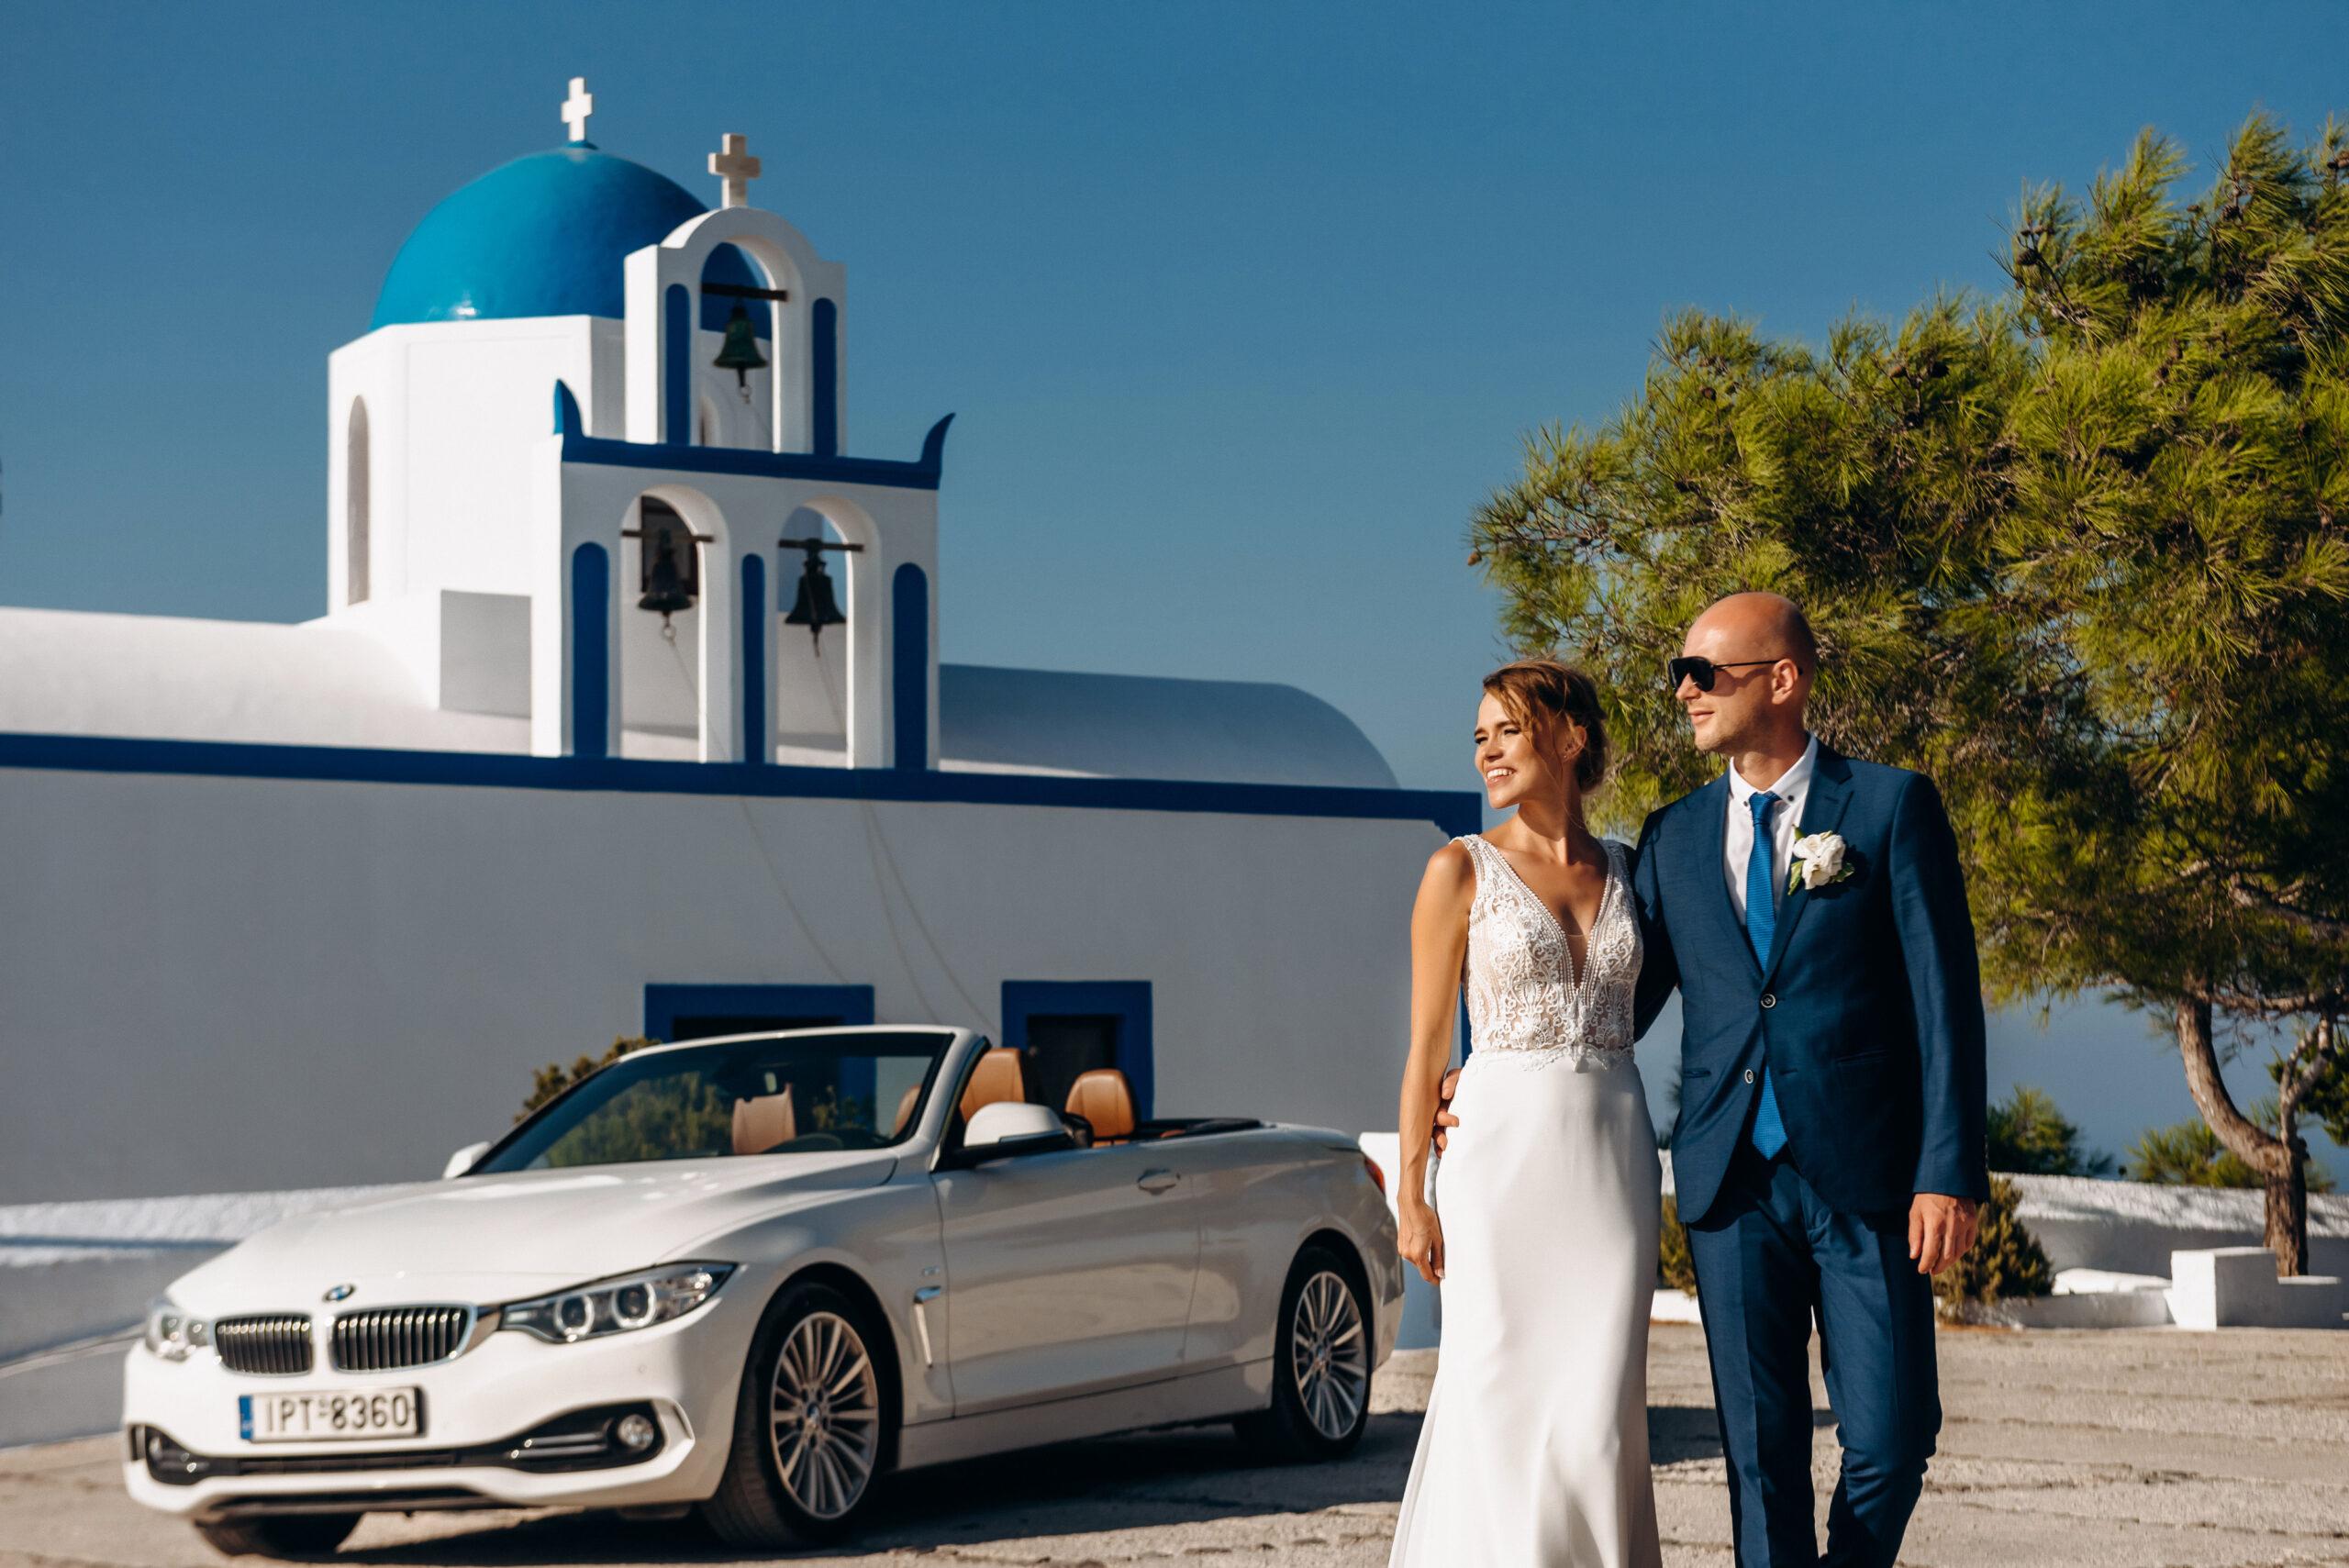 Аренда автомобилей: свадьба на санторини, свадебное агентство Julia Veselova - Фото 5